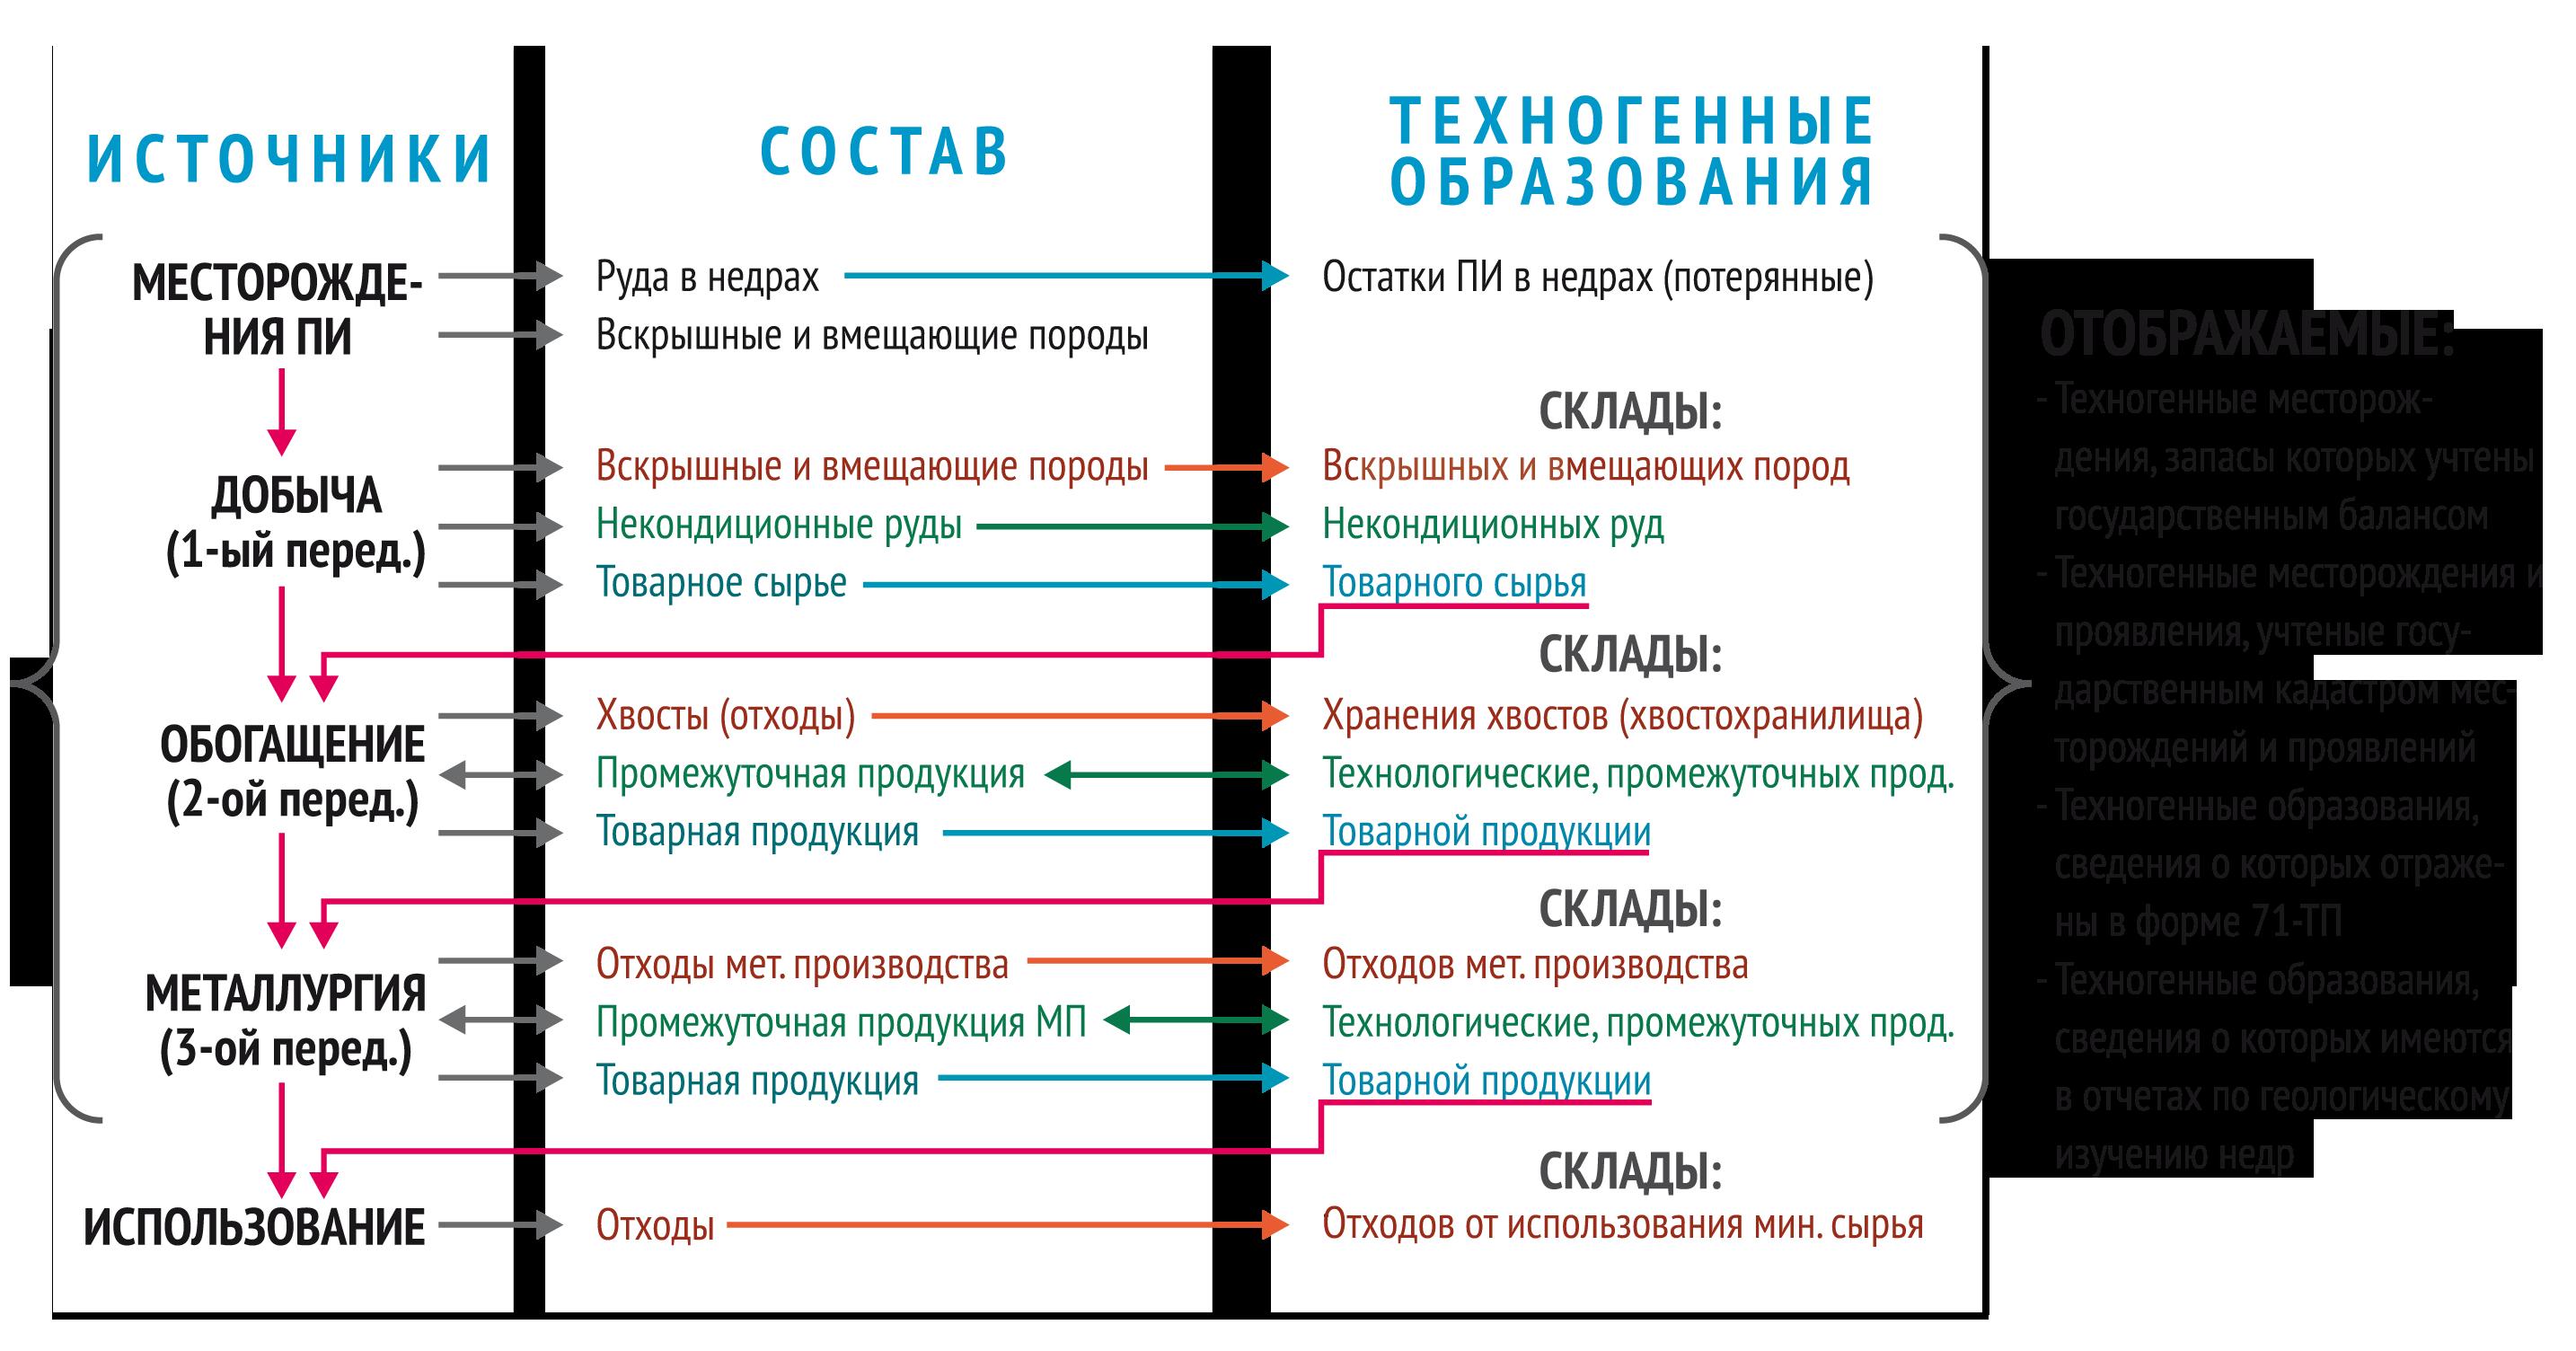 Рис. 1 Принципиальная схема формирования техногенных объектов, включенных в ИК ТО